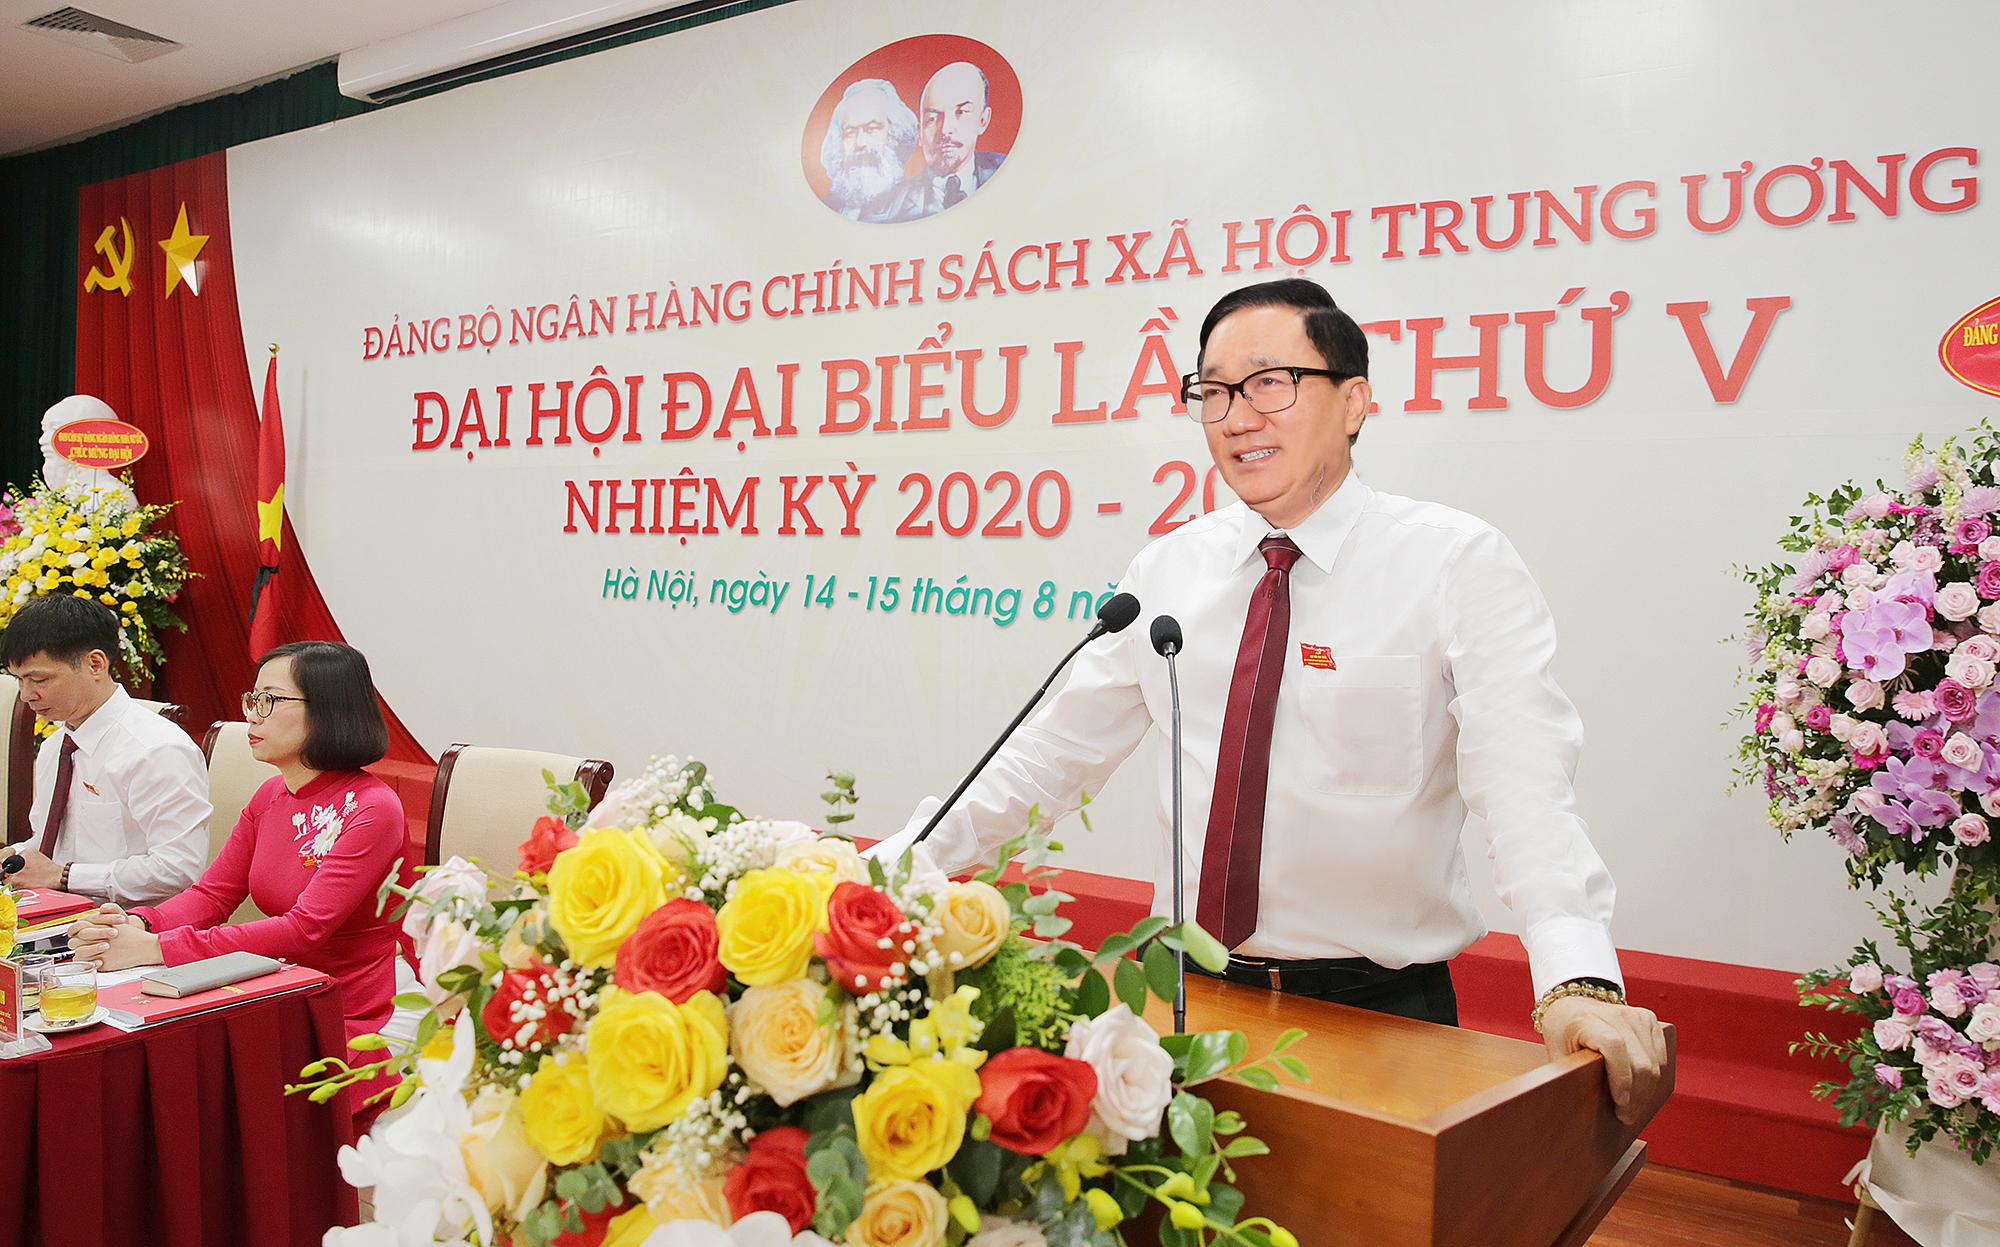 Đồng chí Dương Quyết Thắng, Bí thư Đảng ủy, Tổng Giám đốc NHCSXH Trung ương phát biểu khai mạc Đại hội